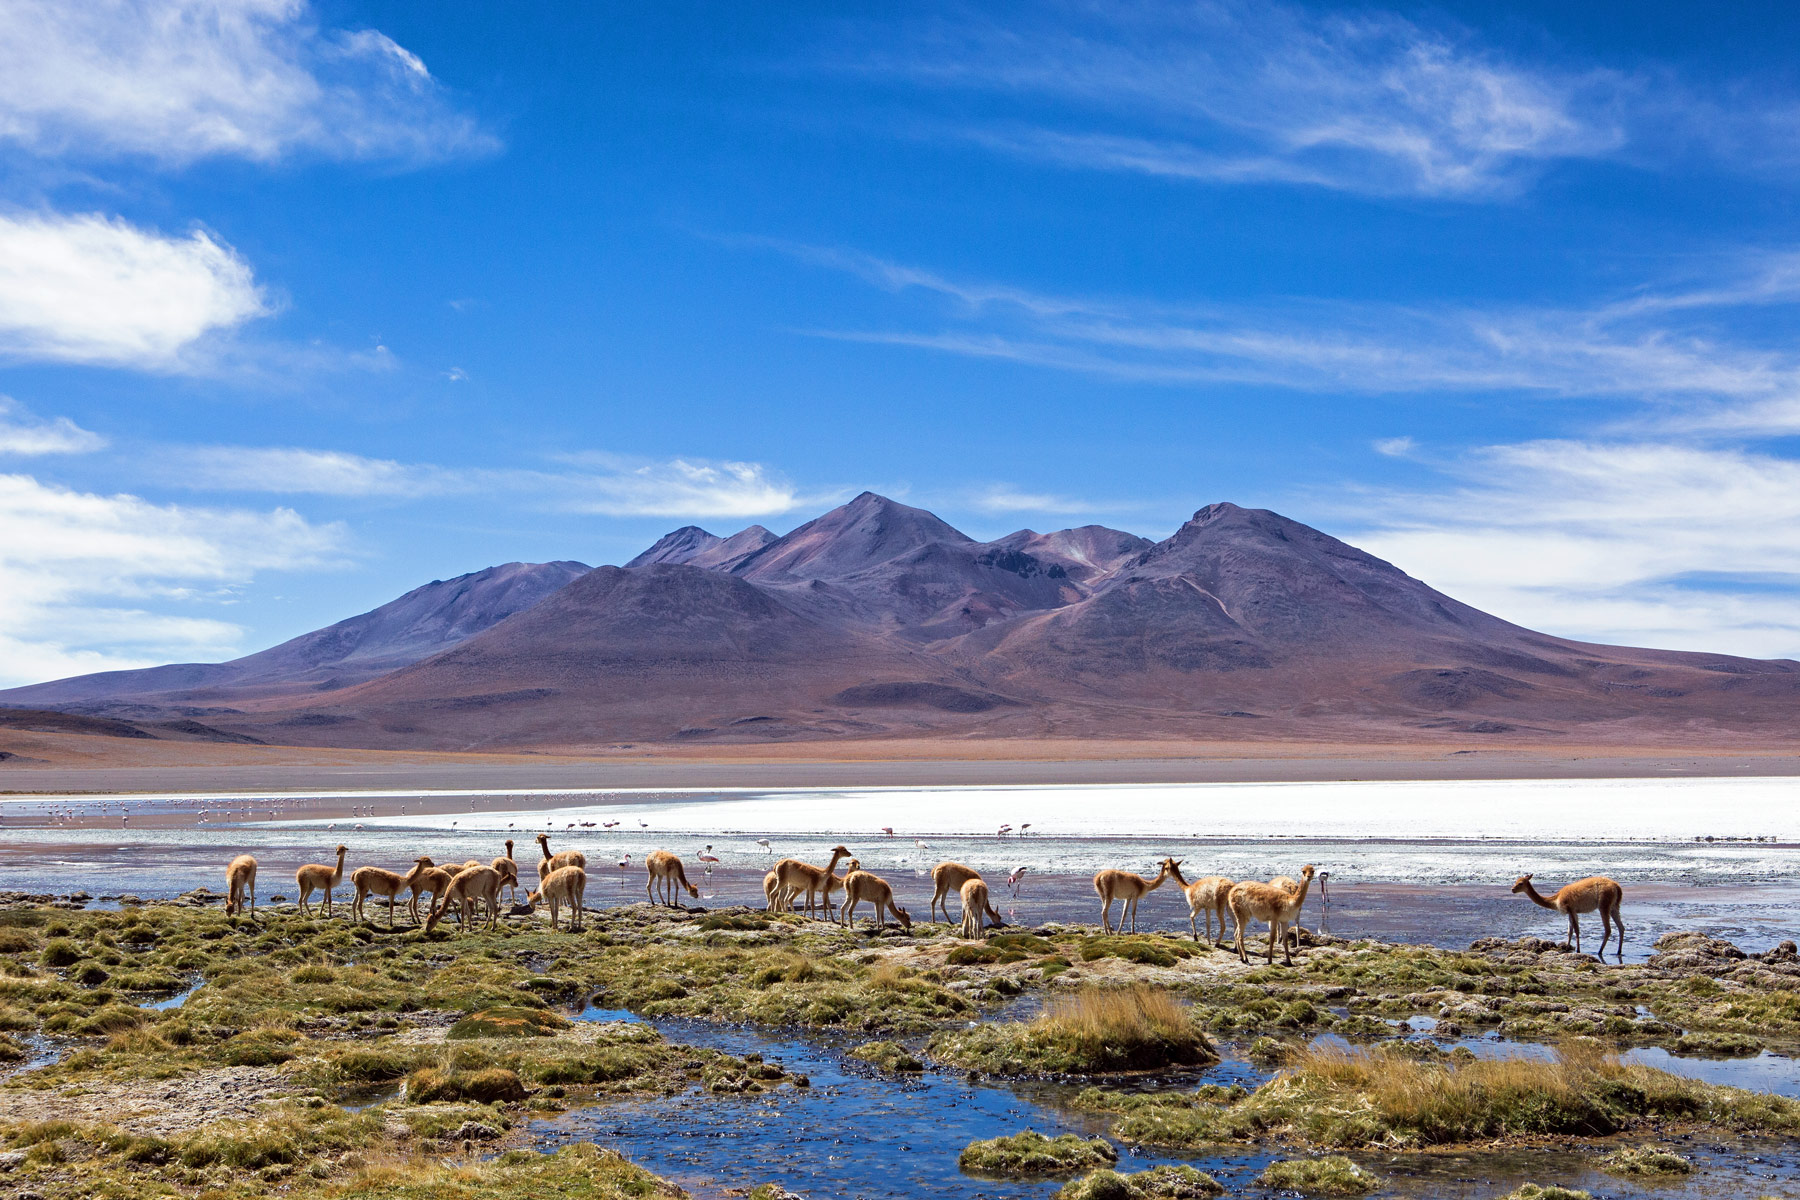 Vicuna at Laguna Canape in Bolivia